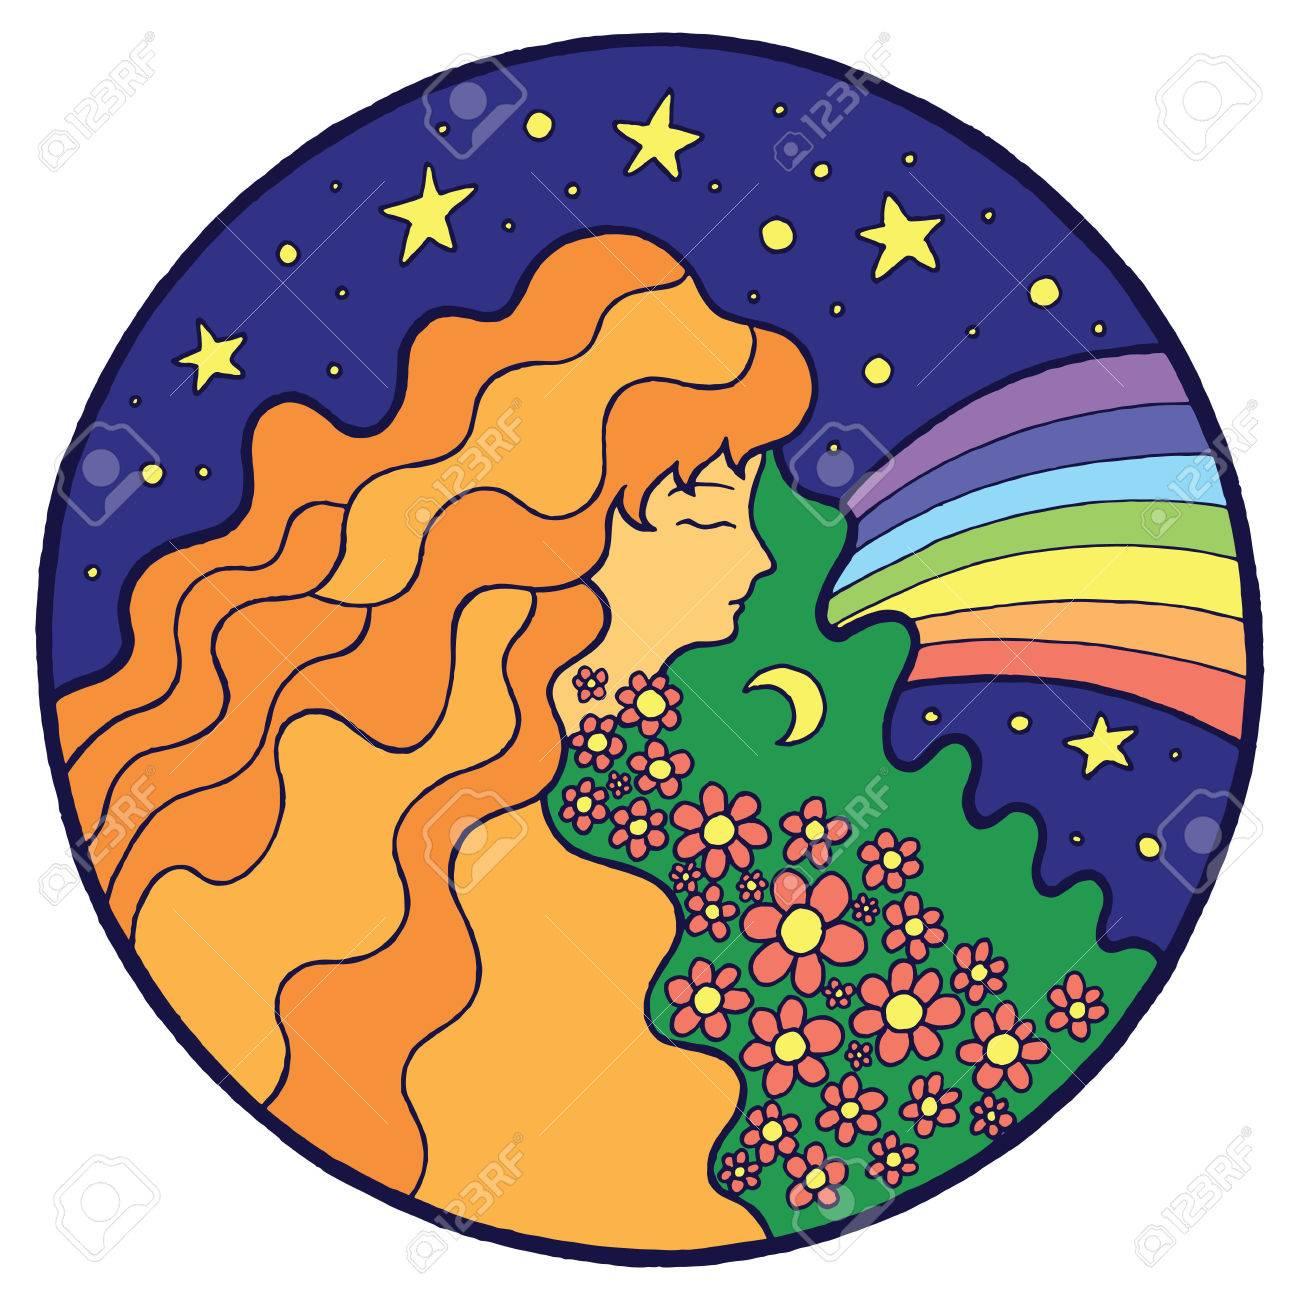 Psychedelic Hippie Mädchen Mit Blume Im Haar. Lizenzfrei Nutzbare ...